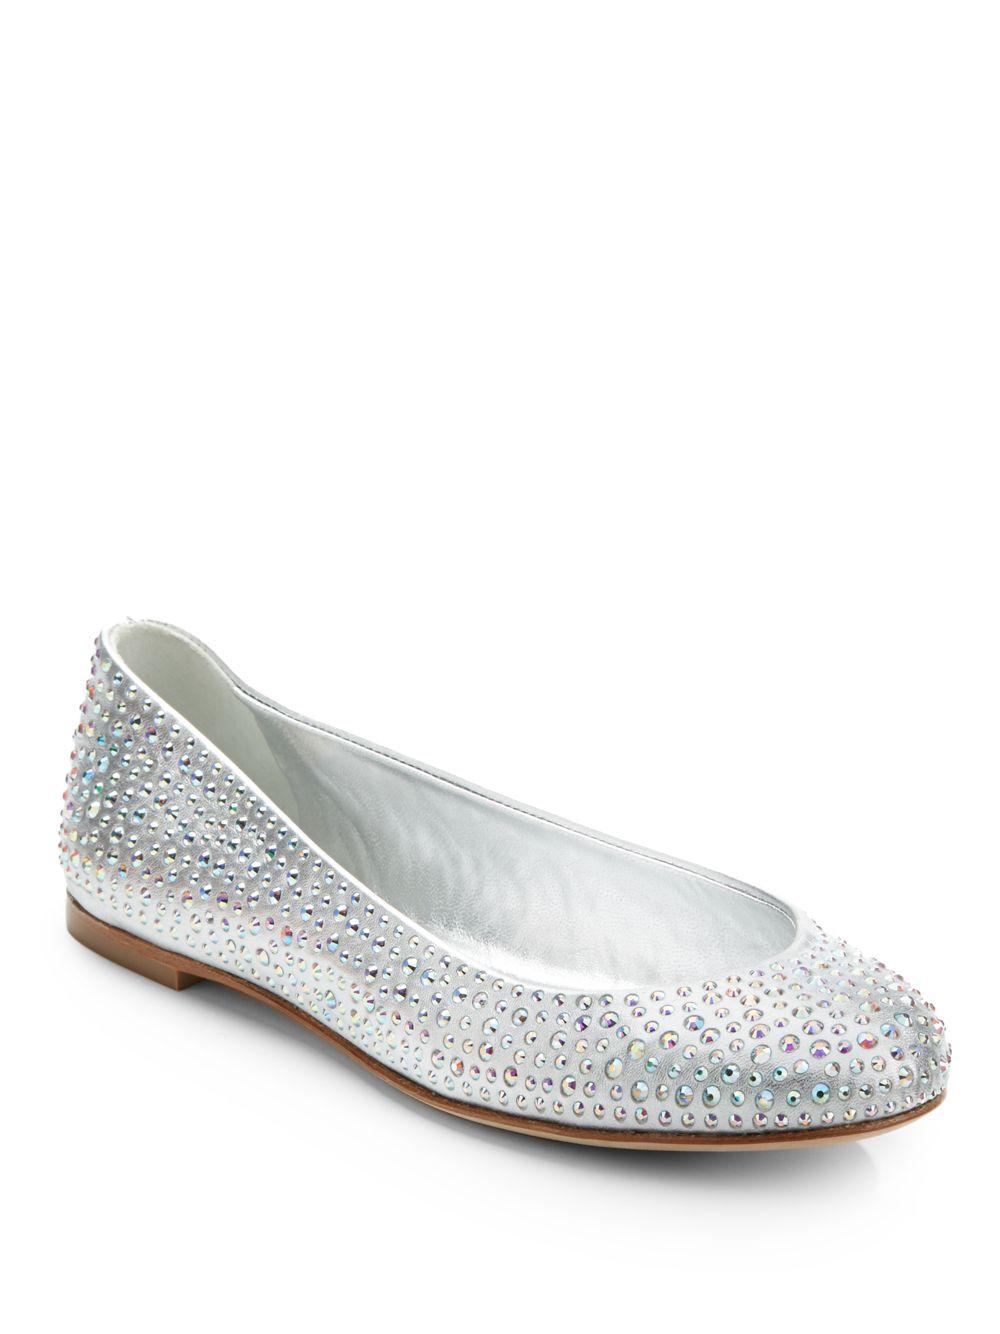 perfect cheap online free shipping affordable Giuseppe Zanotti Glitter Ballet Flats kKqeGeJXRG